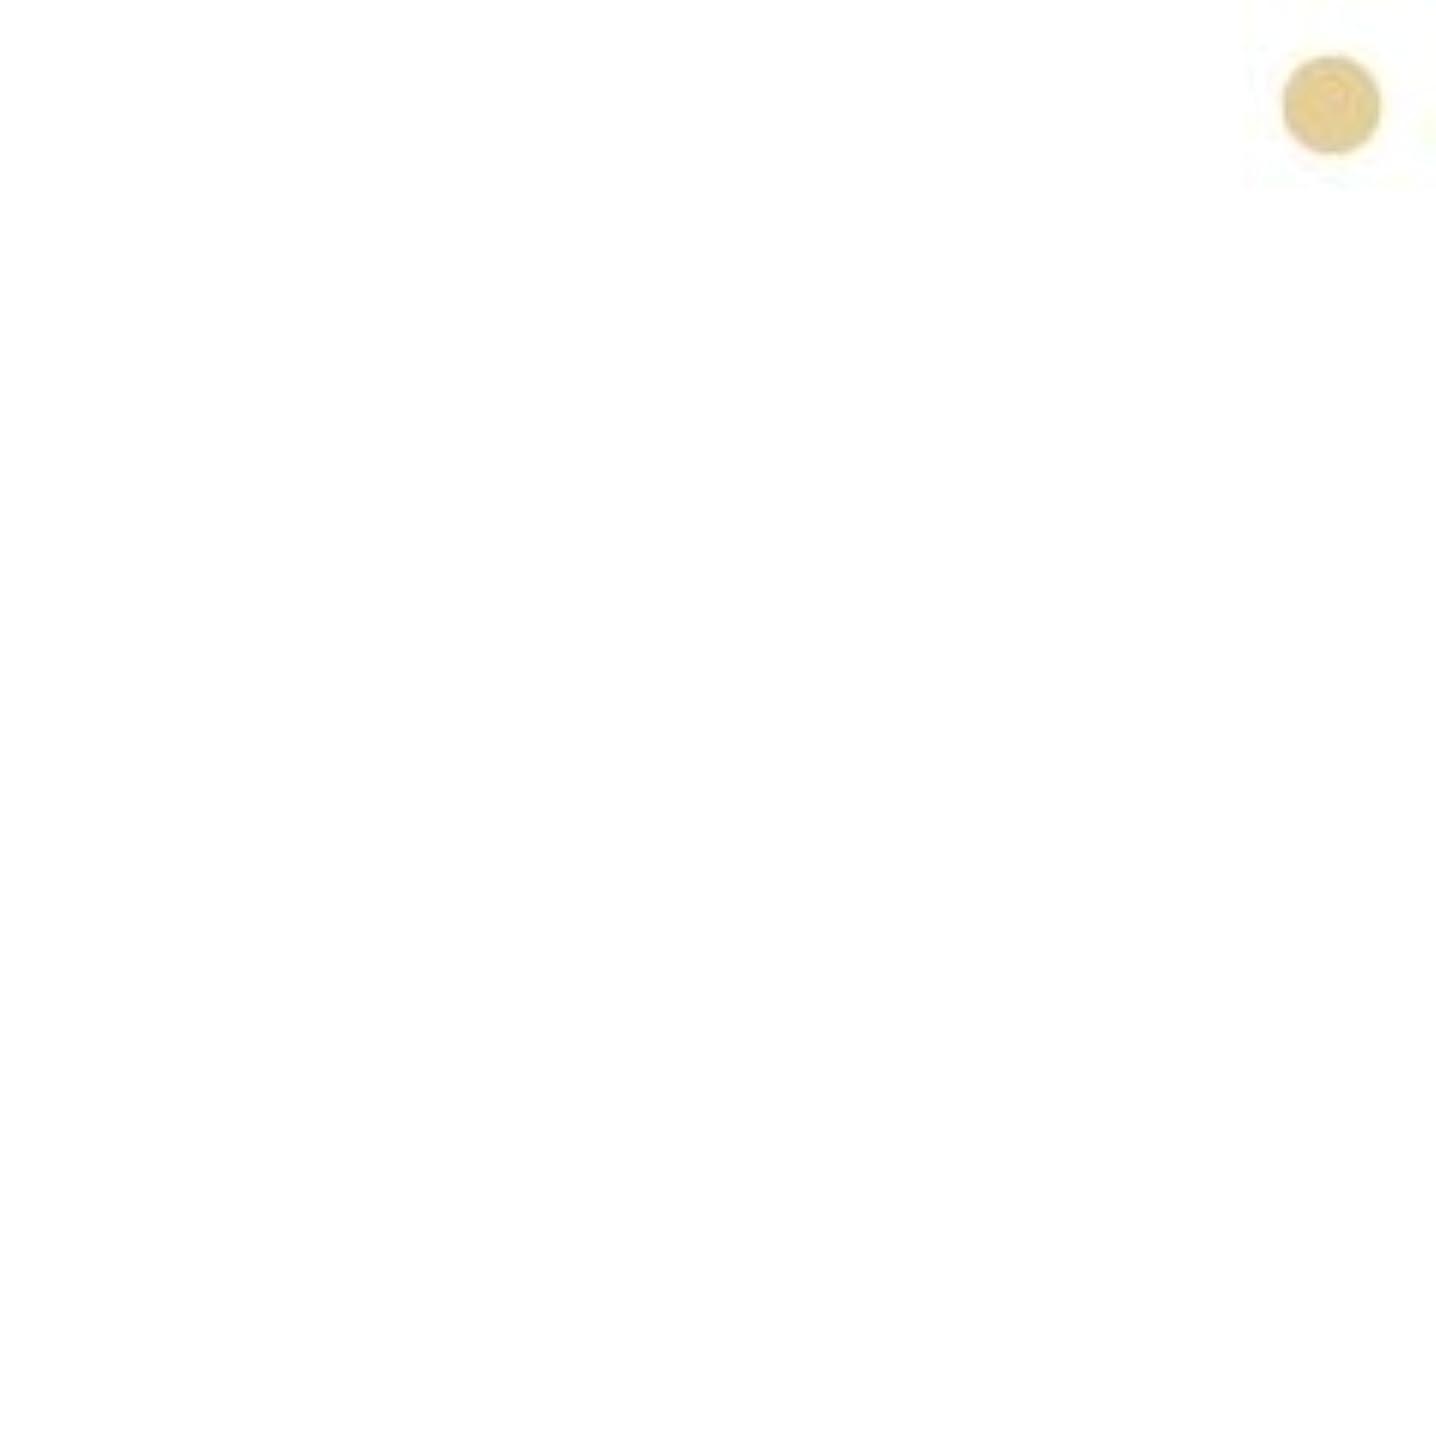 からかうゲスト短くする【カバーマーク】ジャスミーカラー パウダリーファンデーション #BP20 (レフィル)